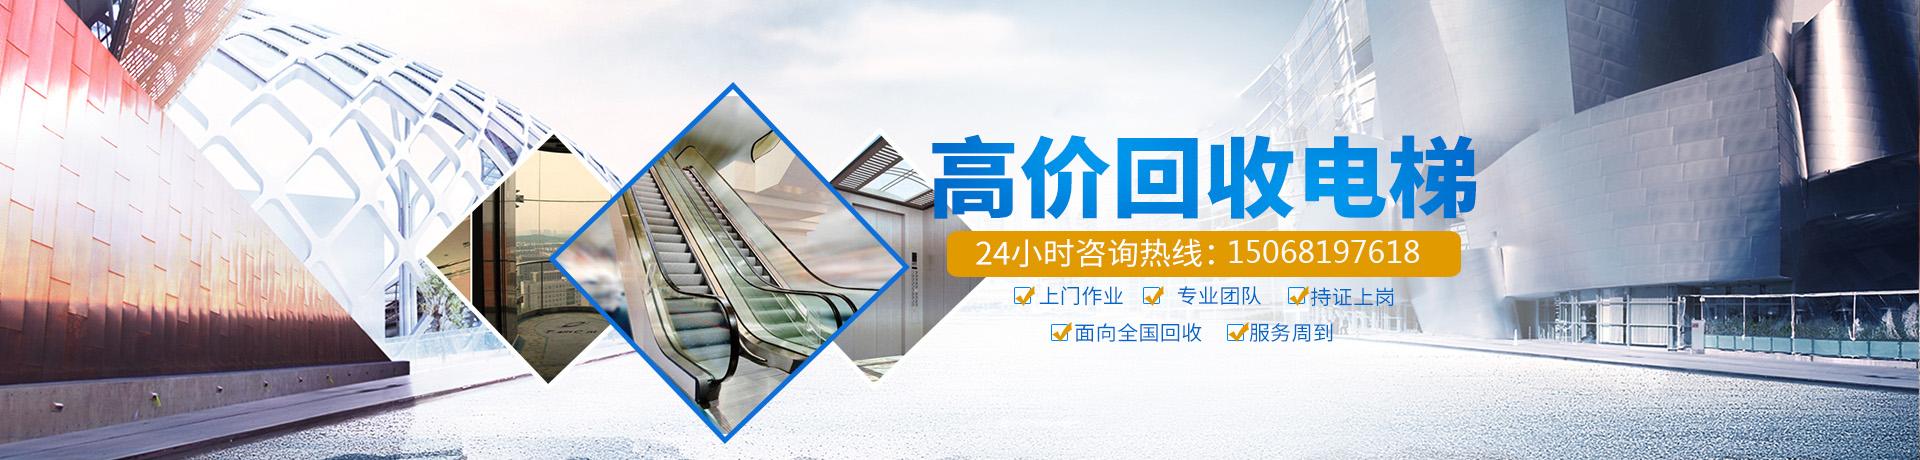 杭州电梯配件回收